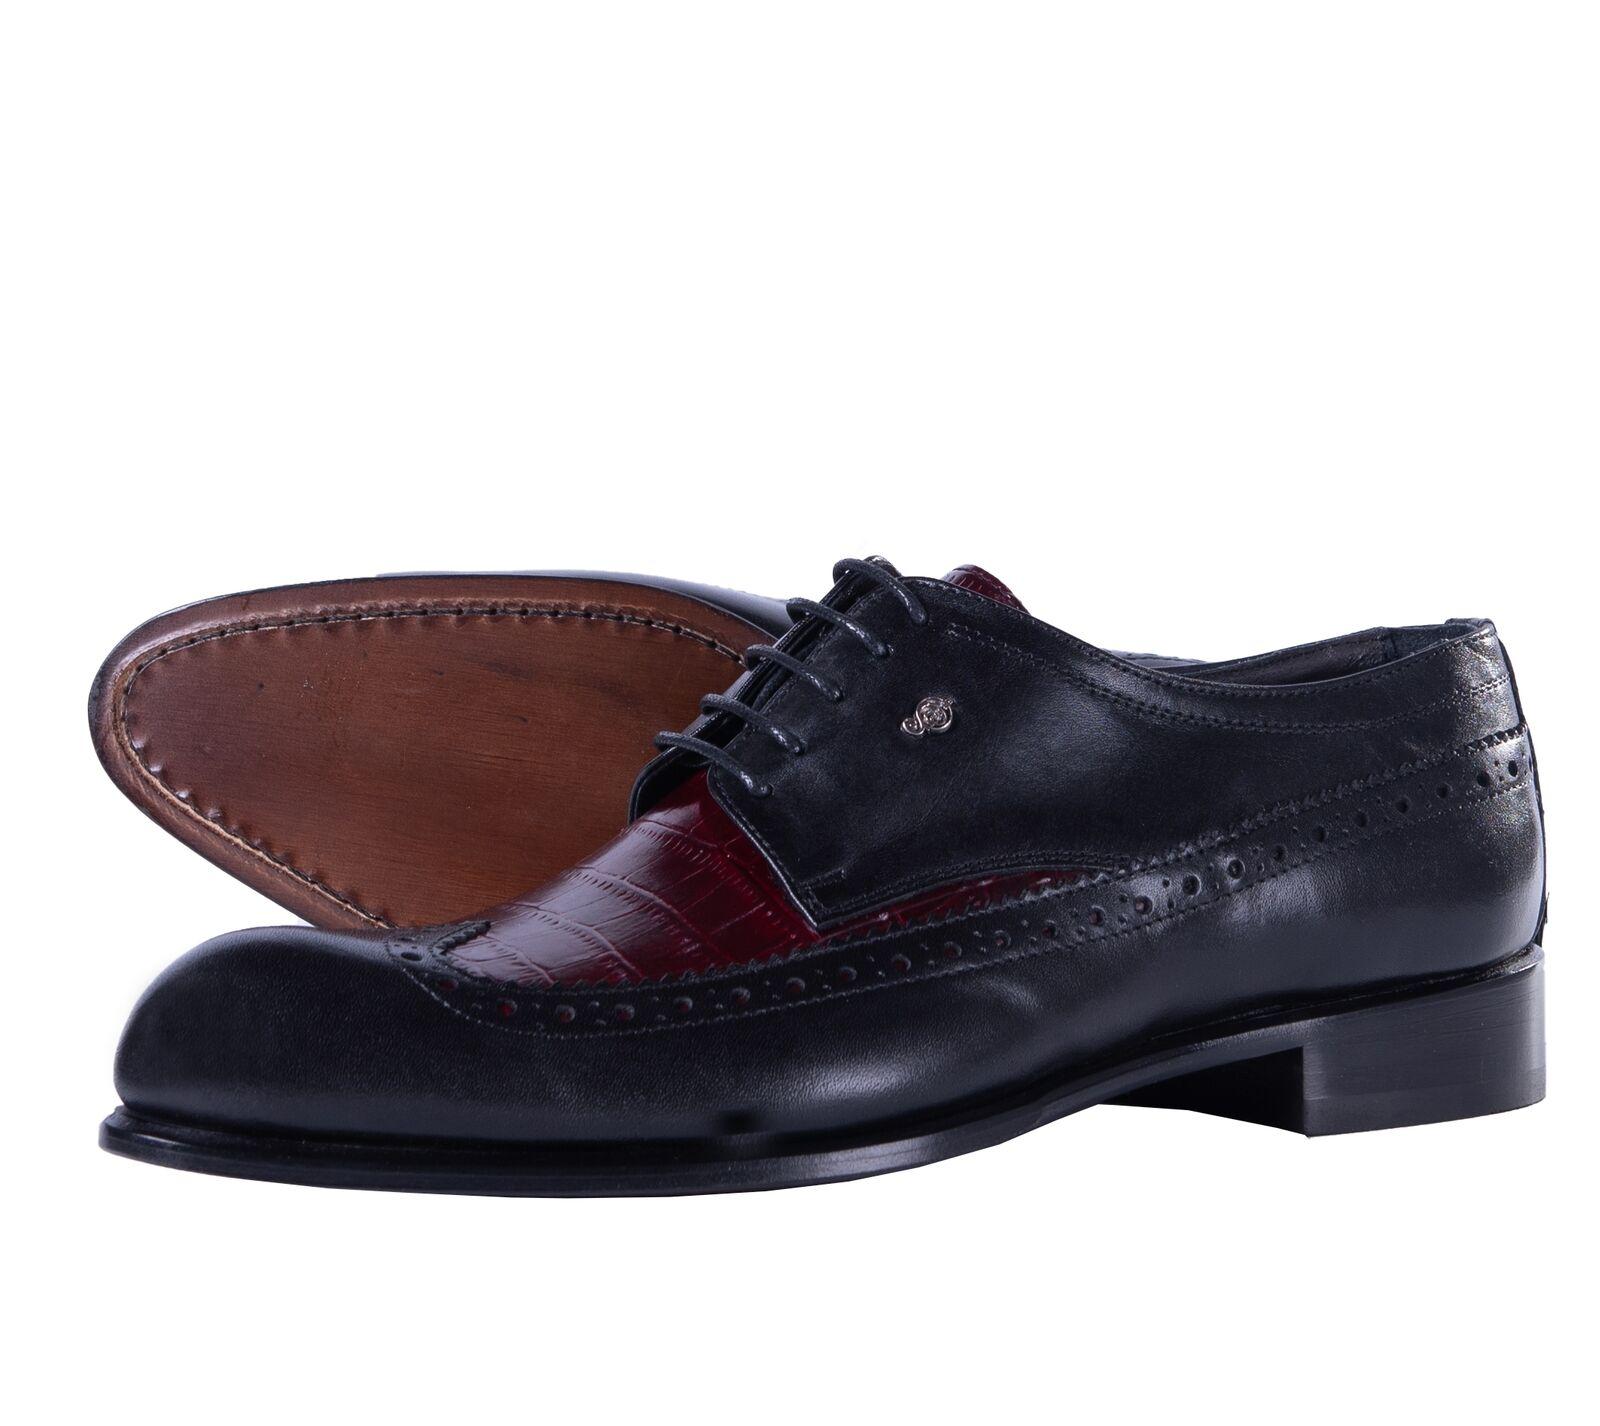 Zapatos de cuero SERGIO ERRUTI ROMA negro de cocodrilo en relieve de extremo de ala Italia 44 us11